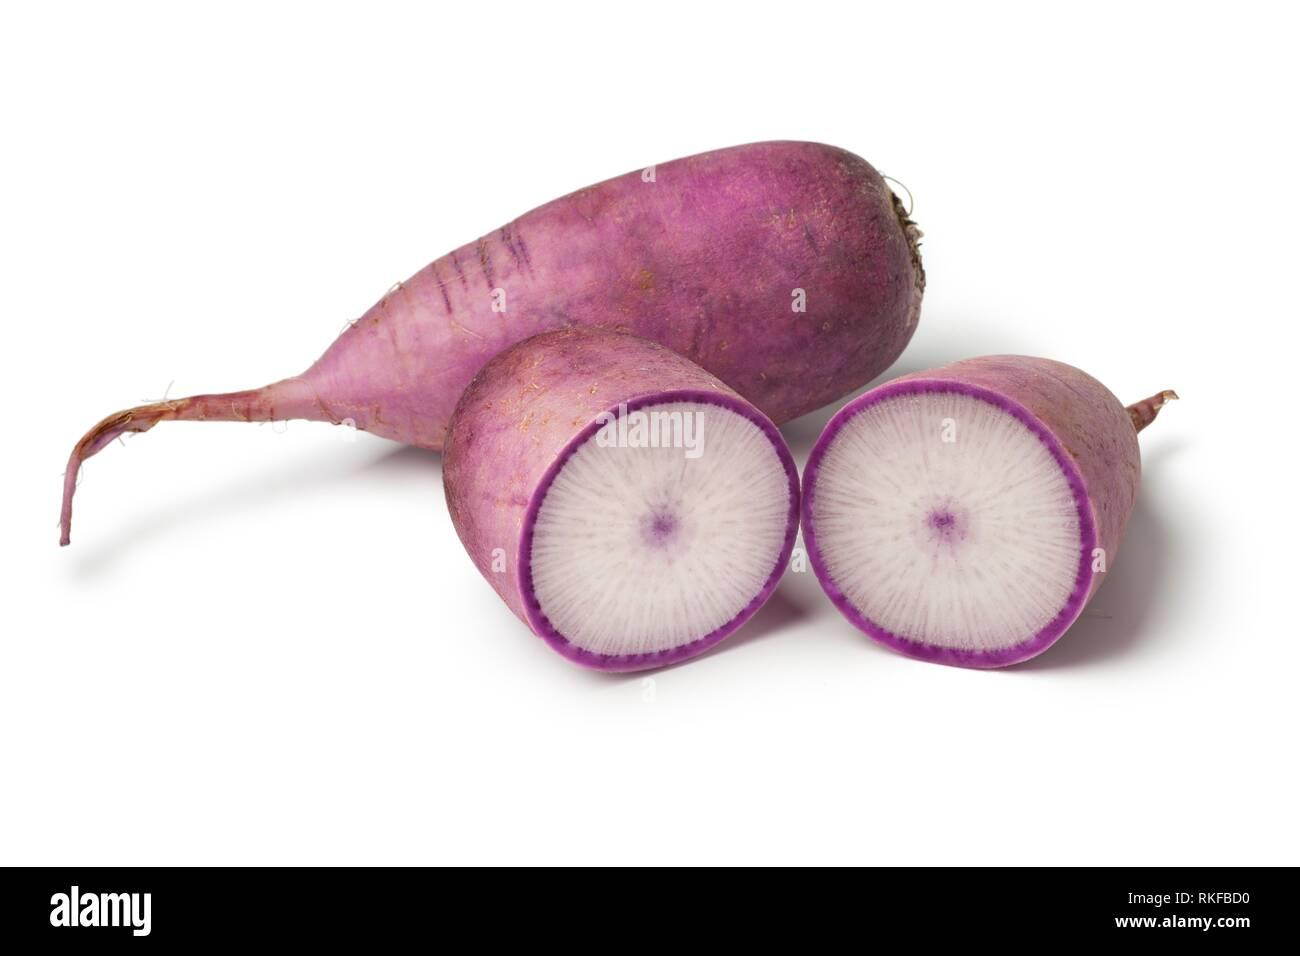 Fresh whole and half purple Japanese daikon radish on white background. - Stock Image